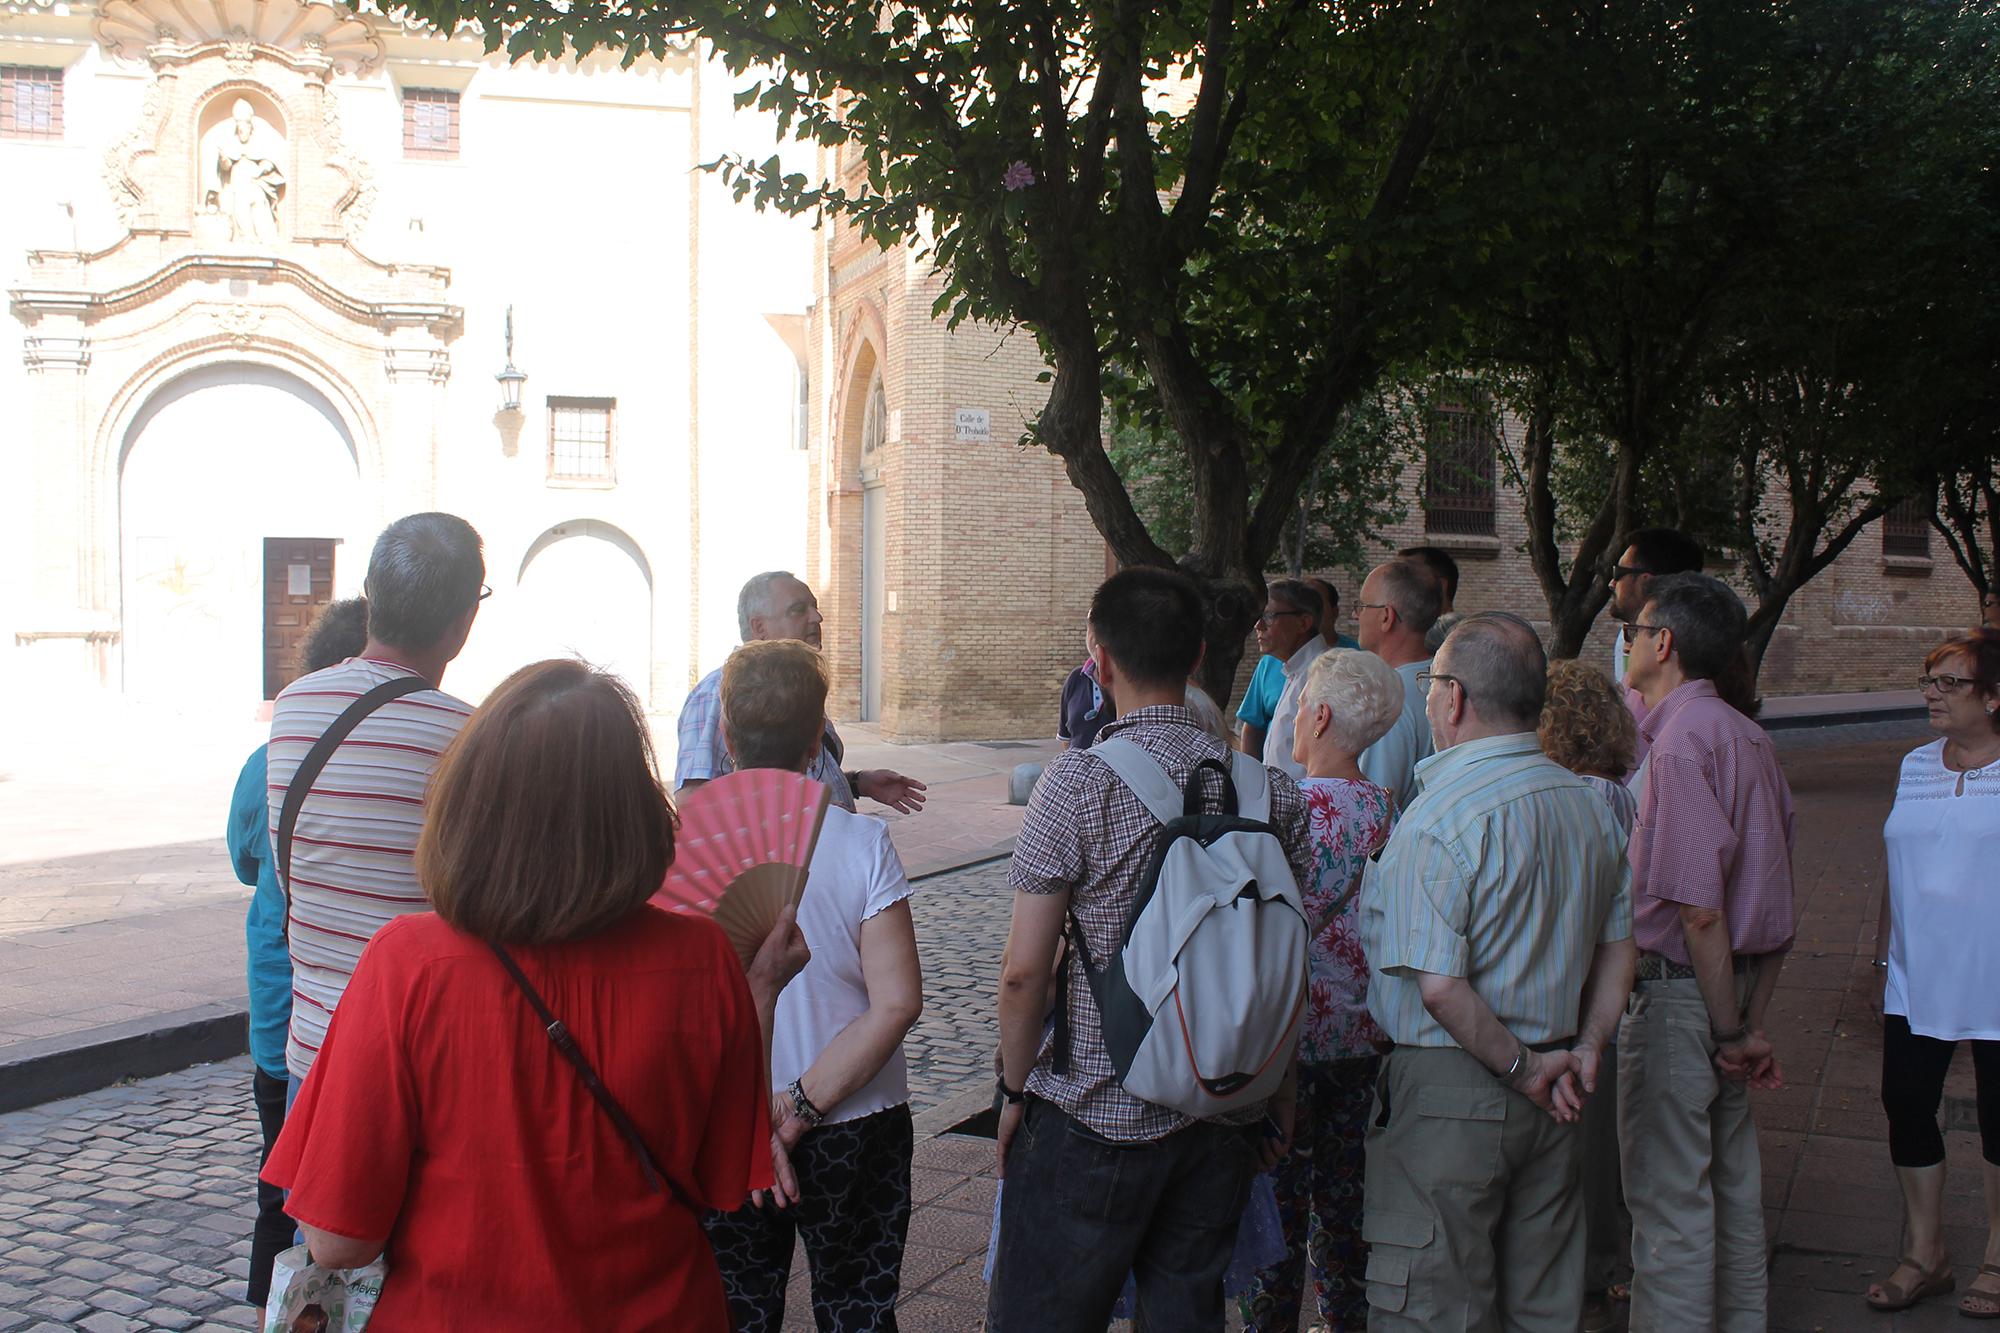 Visita de los socios de AICAR ADICAE al monasterio del Santo Sepulcro, convento de la ciudad aragonesa. Un complejo arquitectónico monástico de estilo mudéjar.